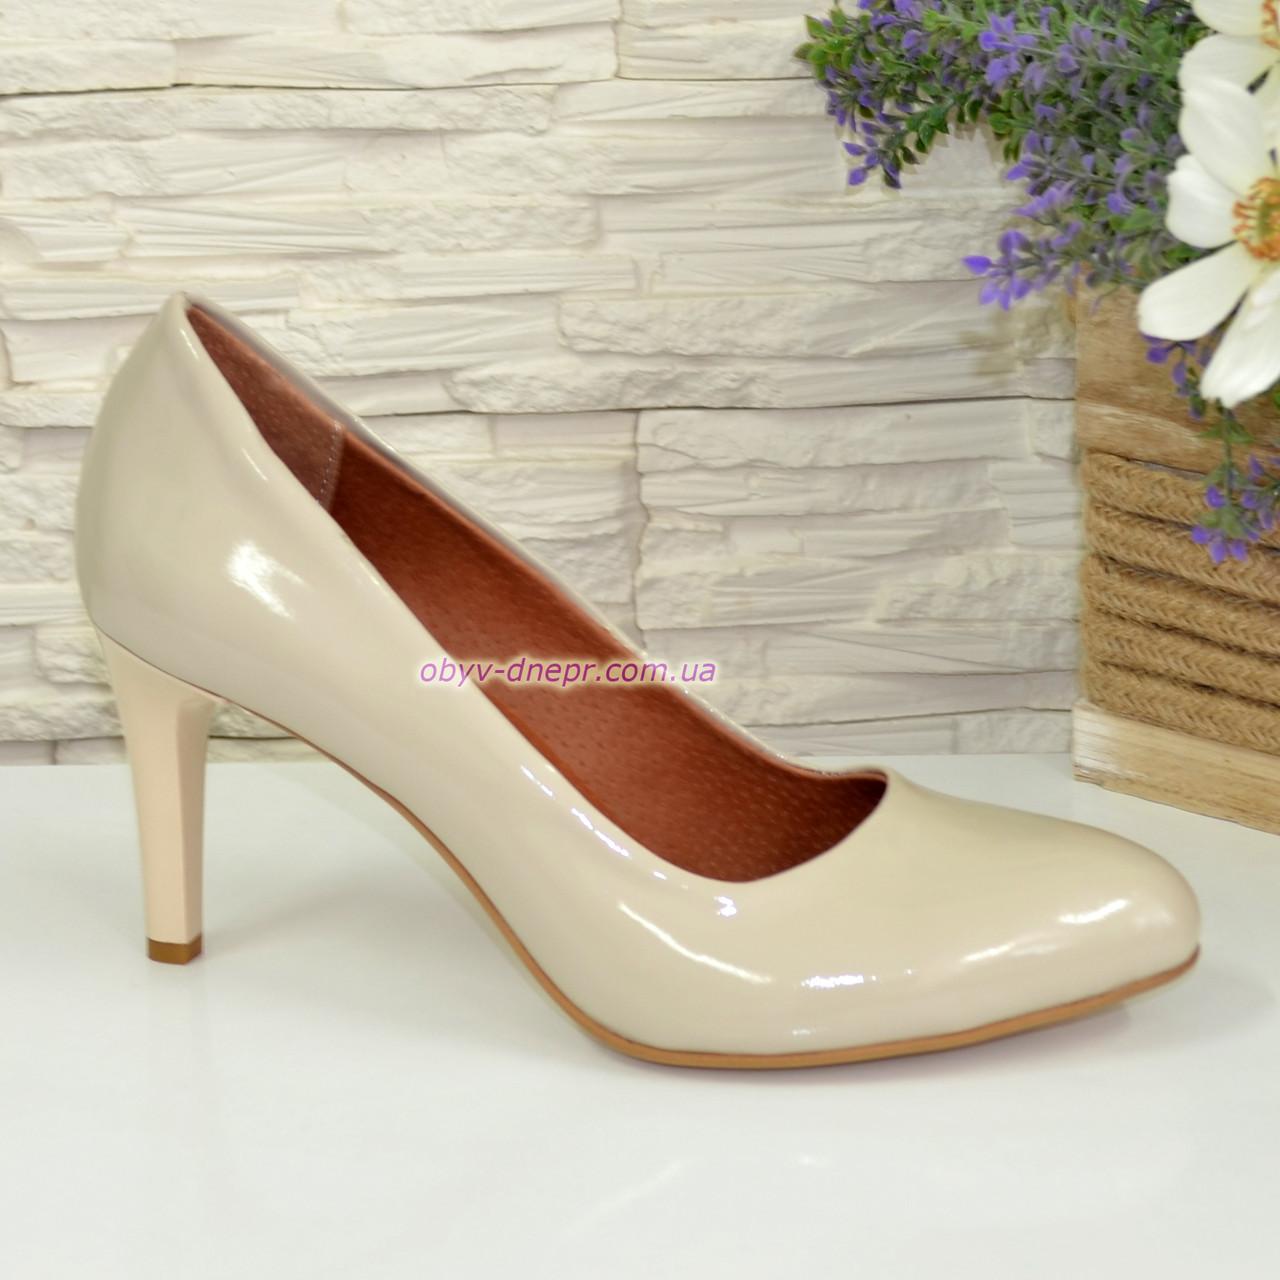 Женские классические лаковые бежевые туфли на шпильке